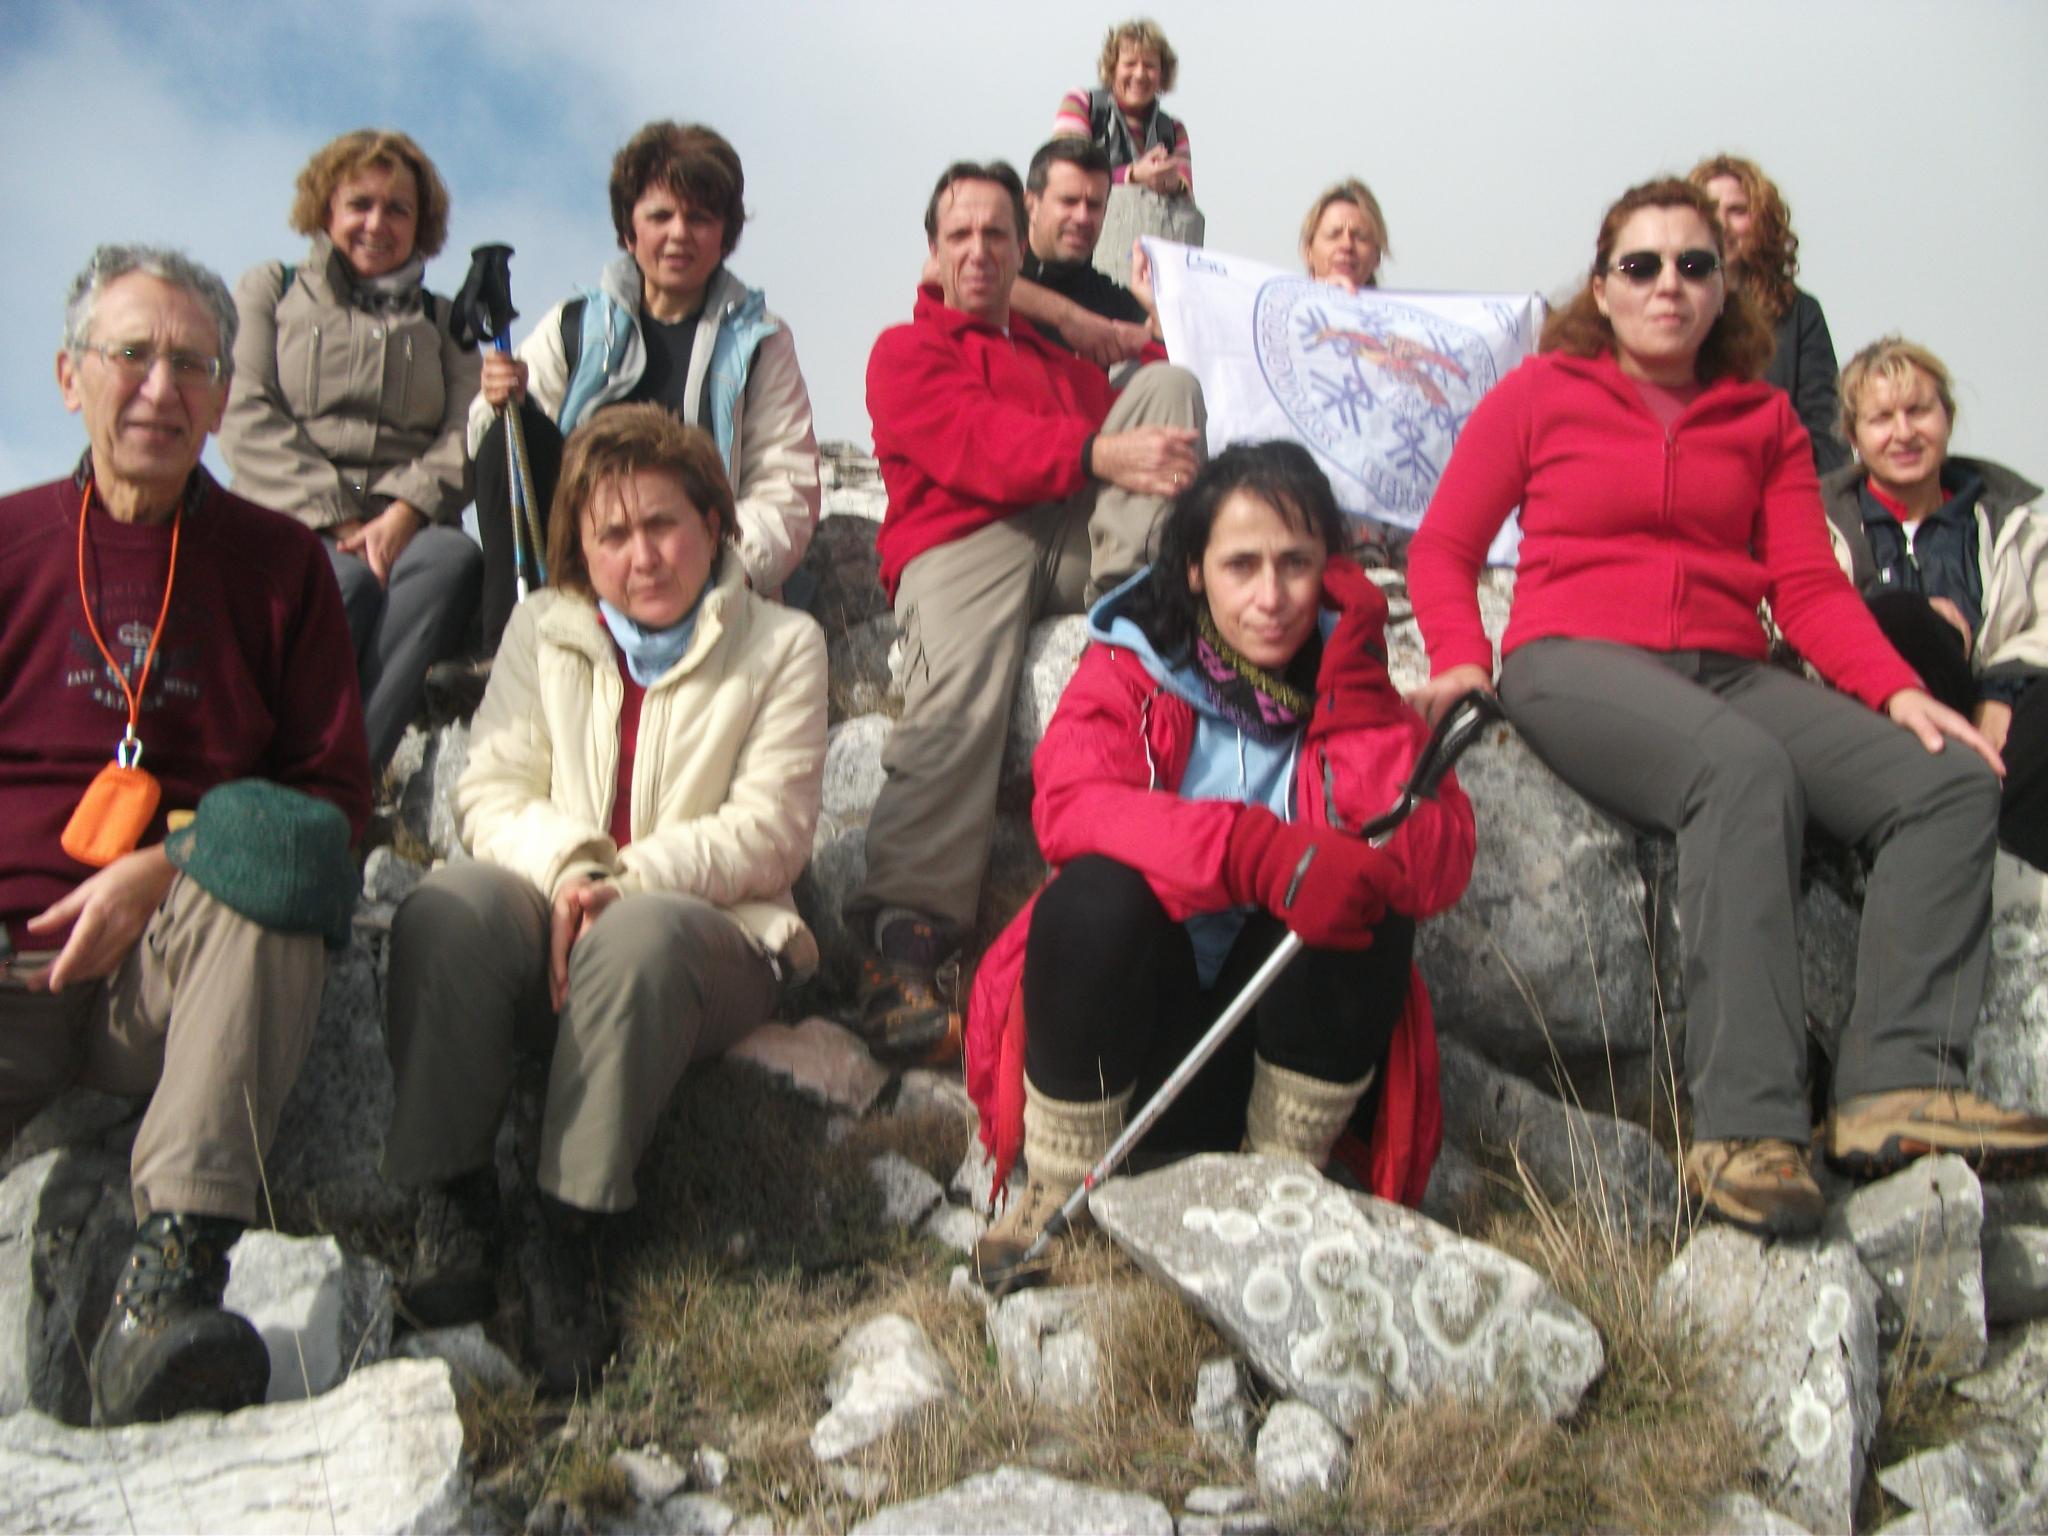 ΤΣΕΚΟΥΡΙΑ - ΑΓΚΑΘΙ 2012